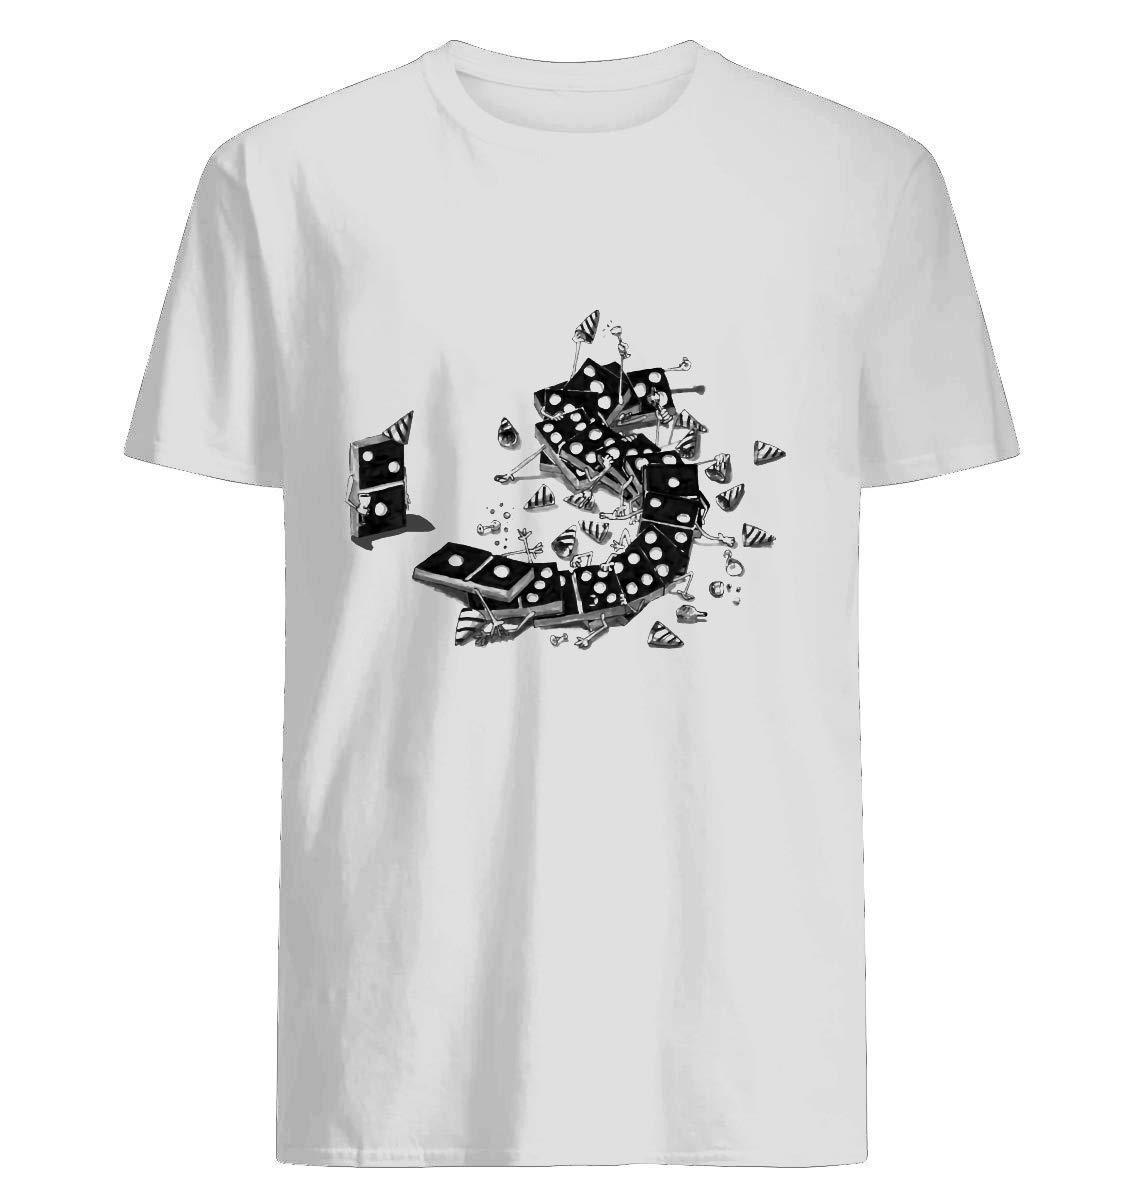 Domino Drunks 15 Shirts